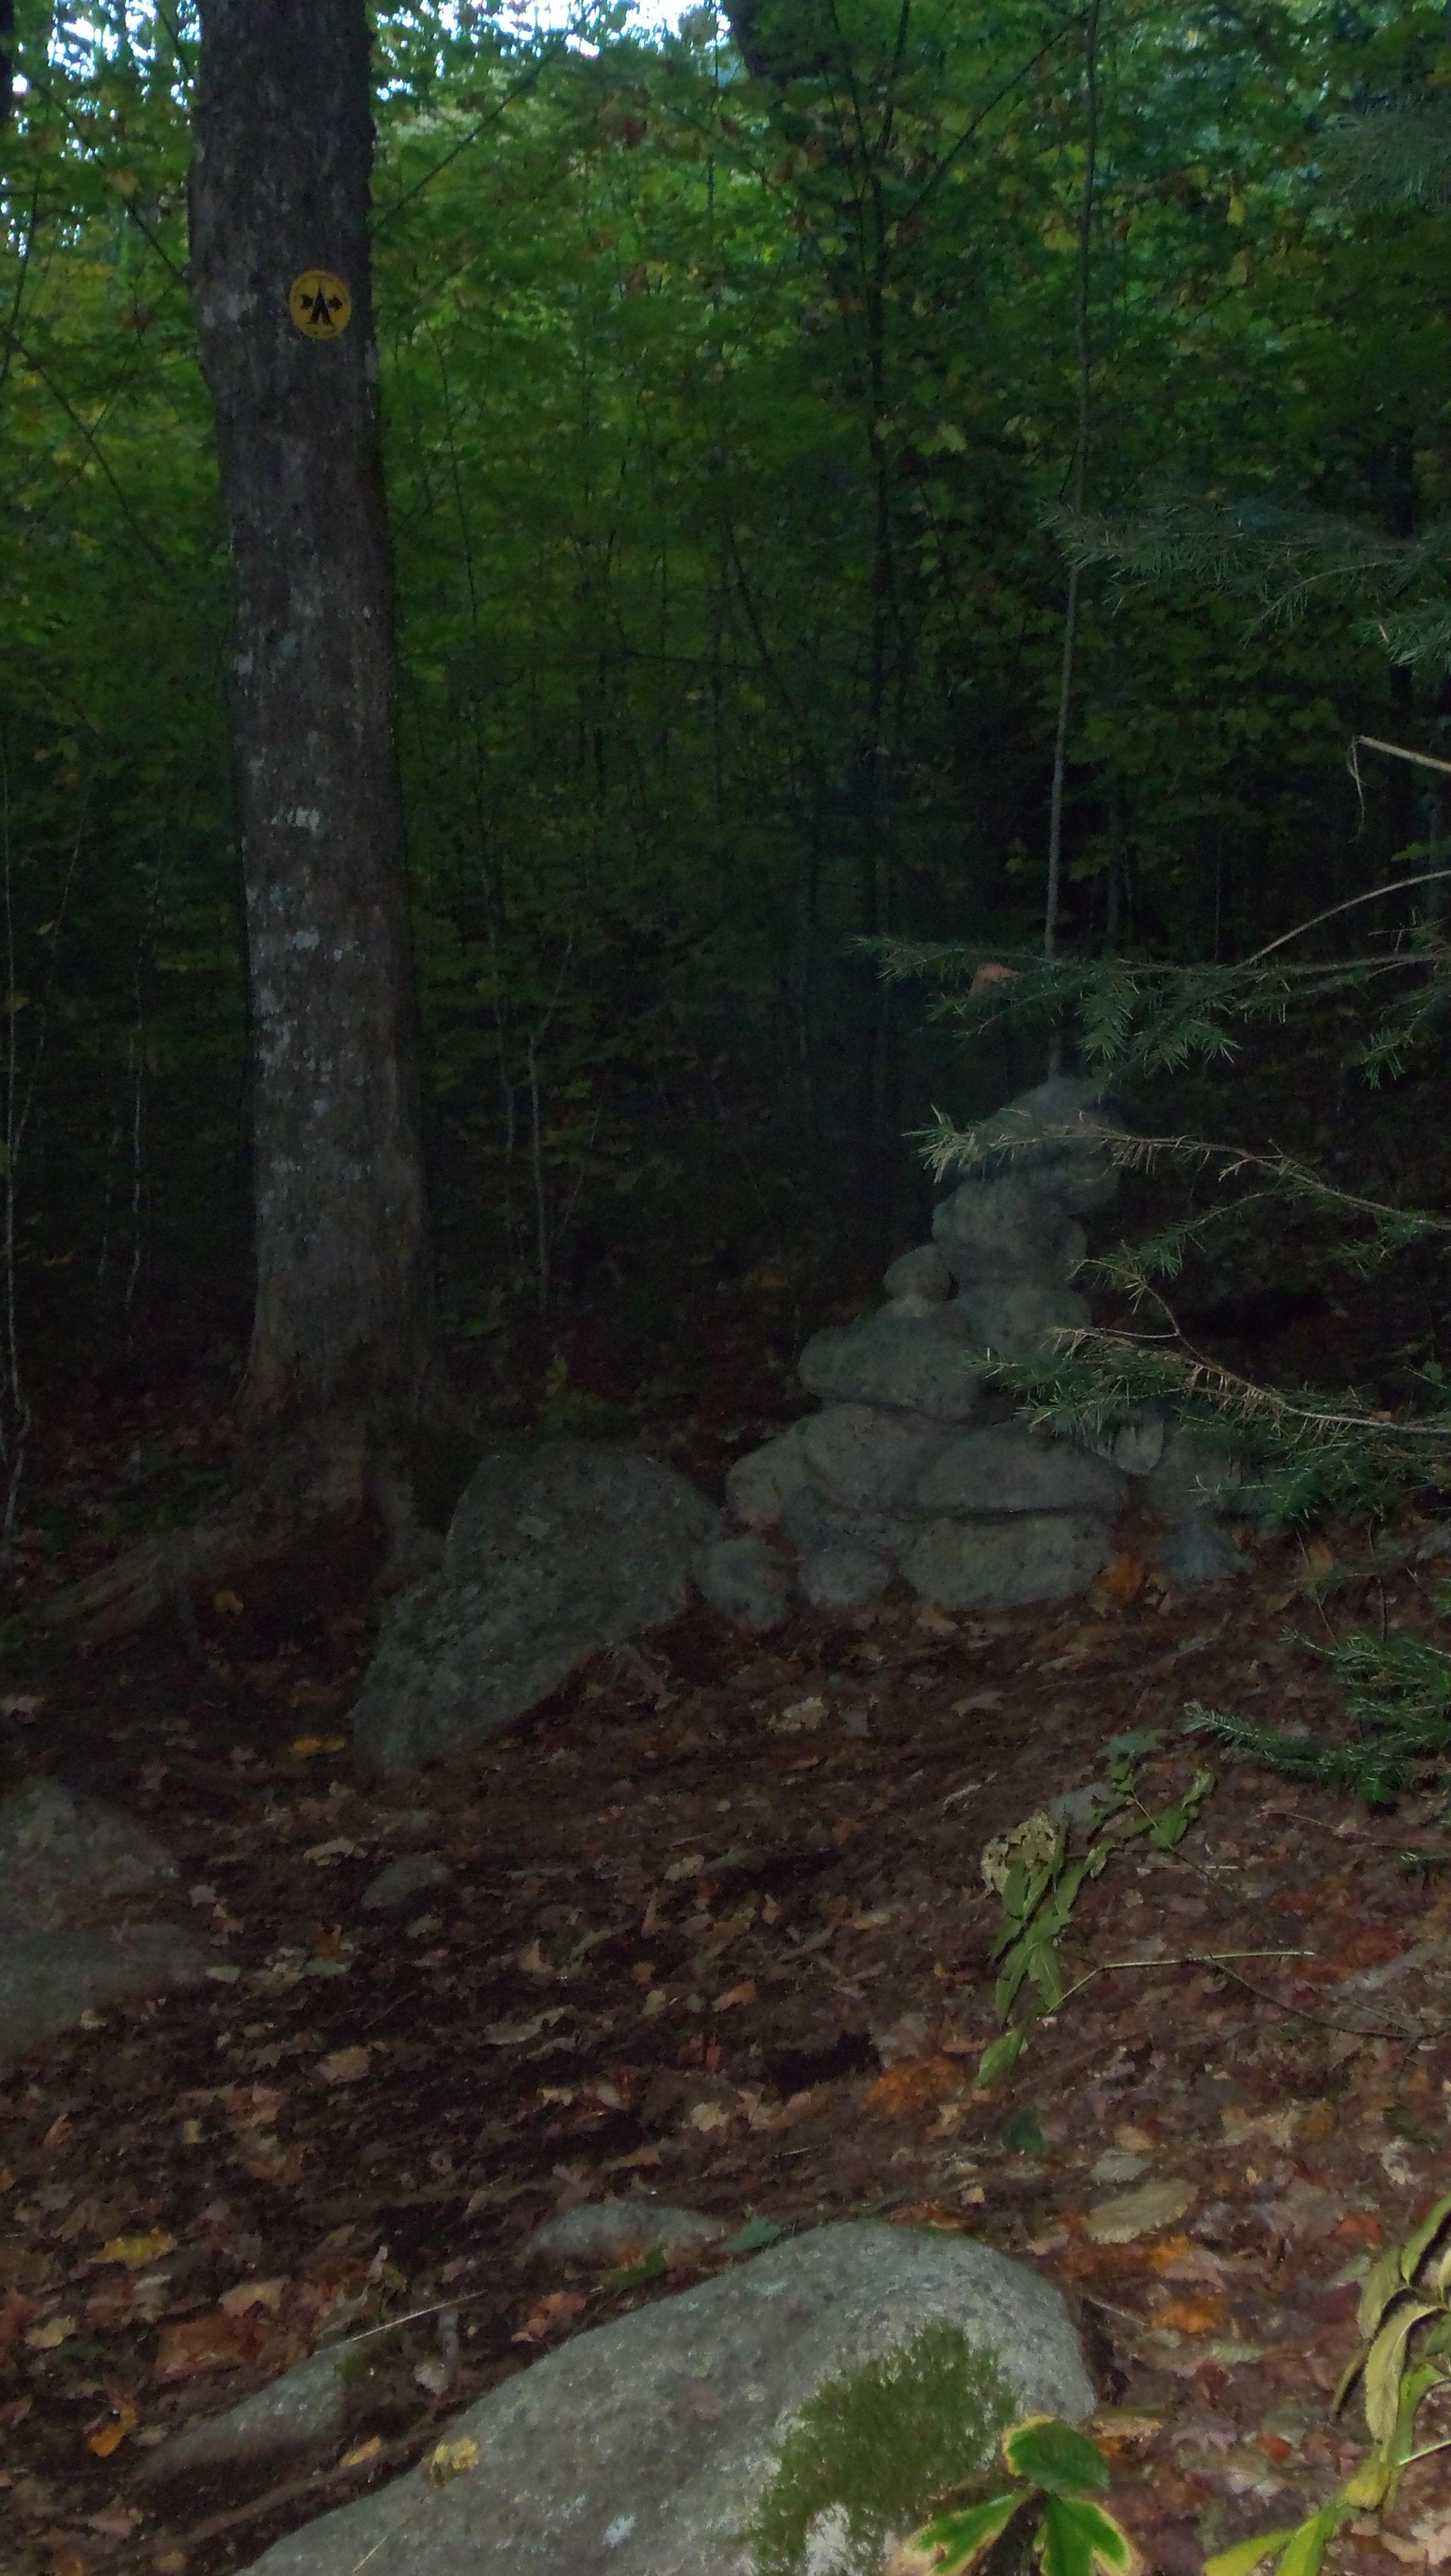 cairn marking Slide Brookherd path